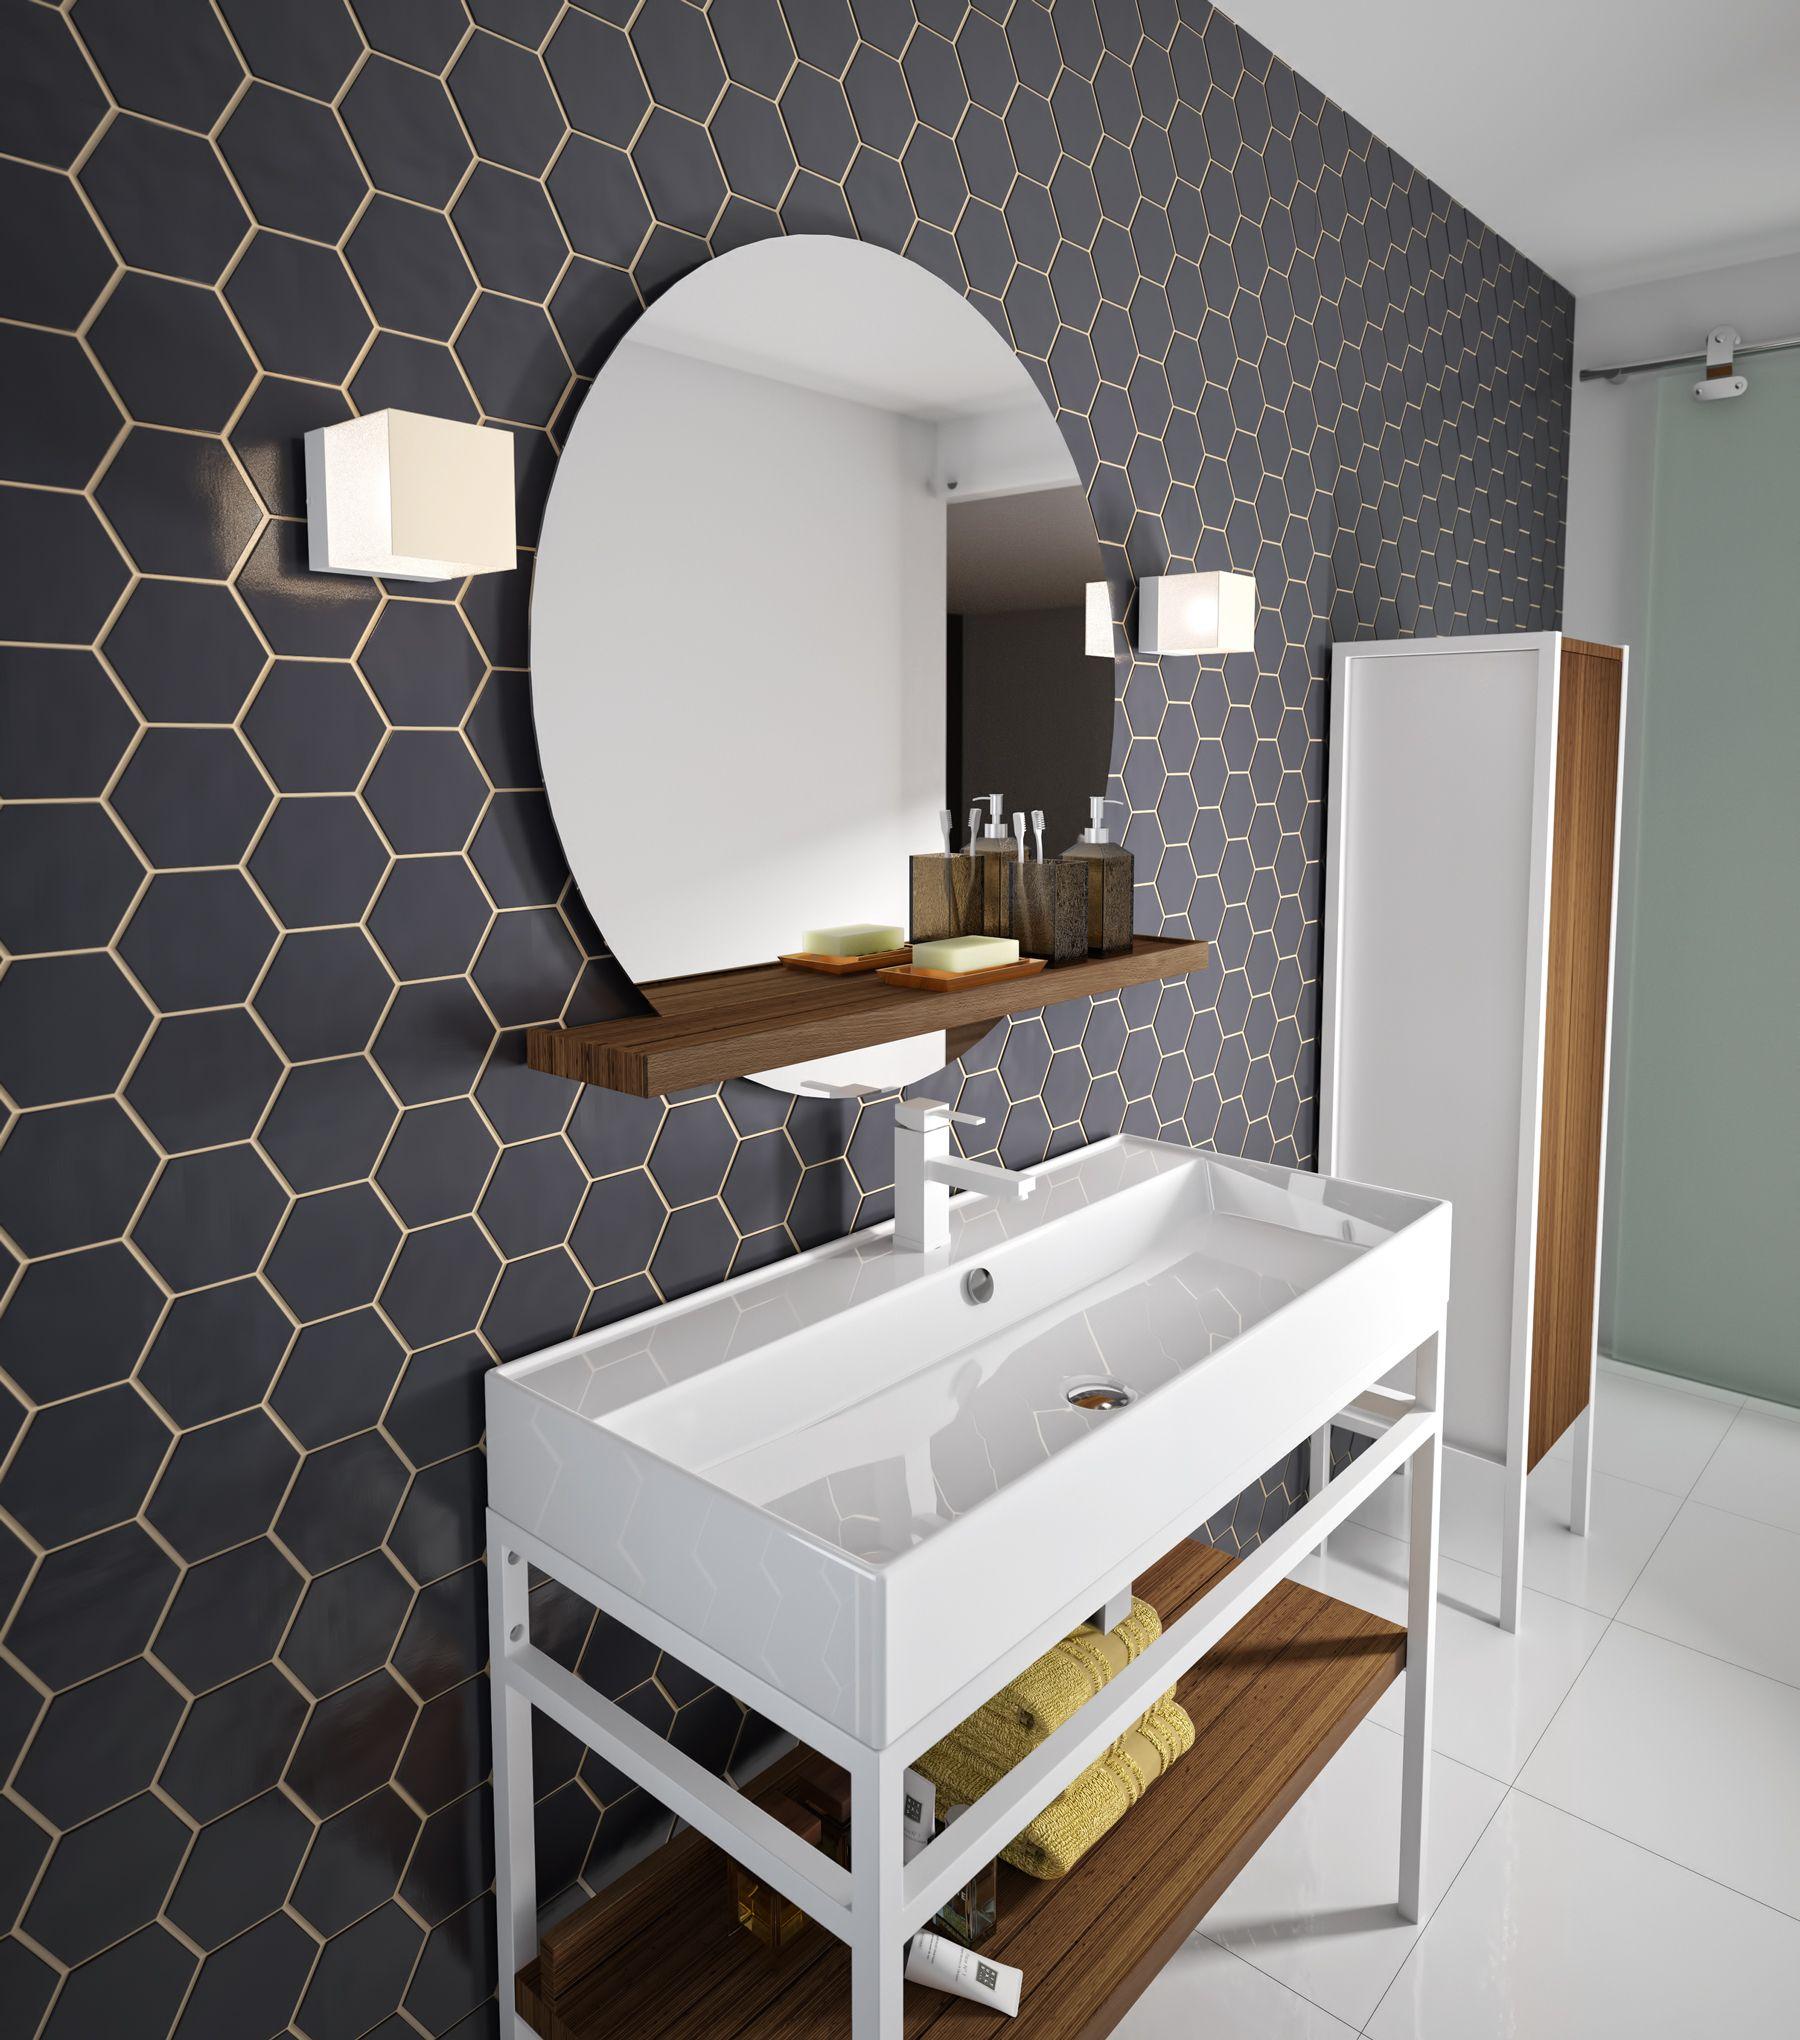 fabricant baignoire STEEL | Meubles de salle de bains, baignoires, fabricant français CEDAM